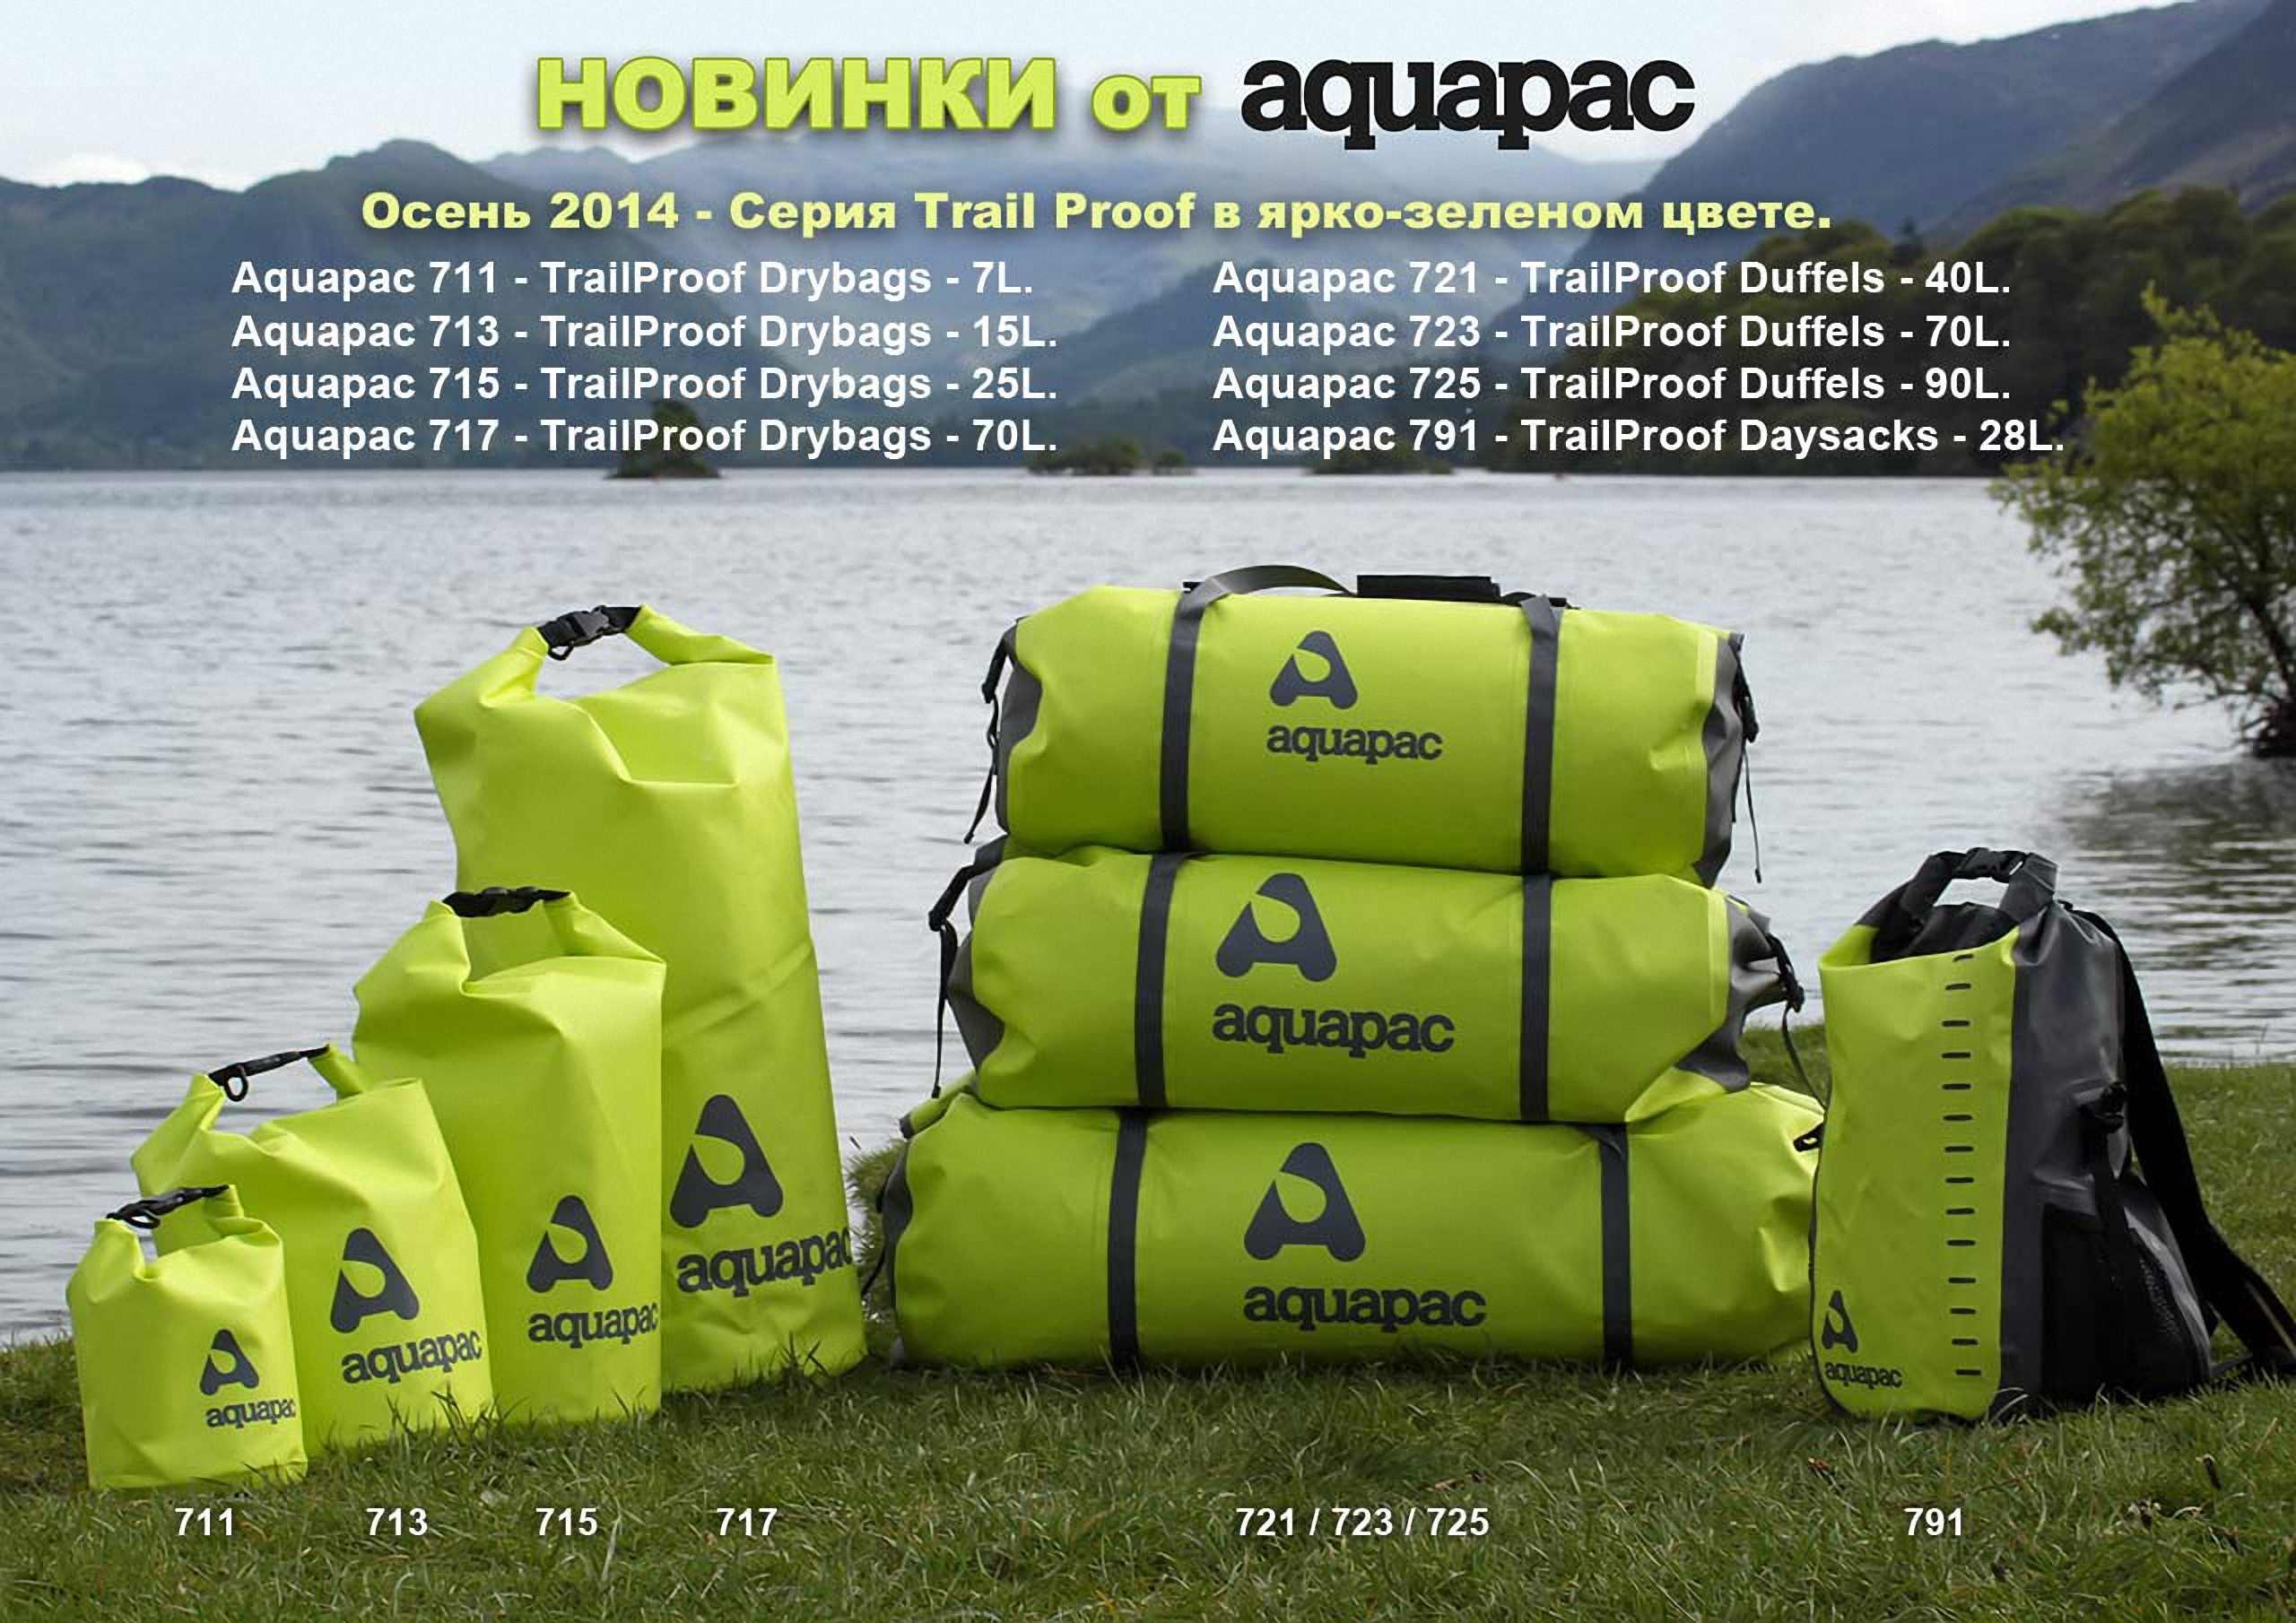 Водонепроницаемая сумка Aquapac 721 - TrailProof Duffels - 40L.. Aquapac - №1 в мире водонепроницаемых чехлов и сумок. Фото 8